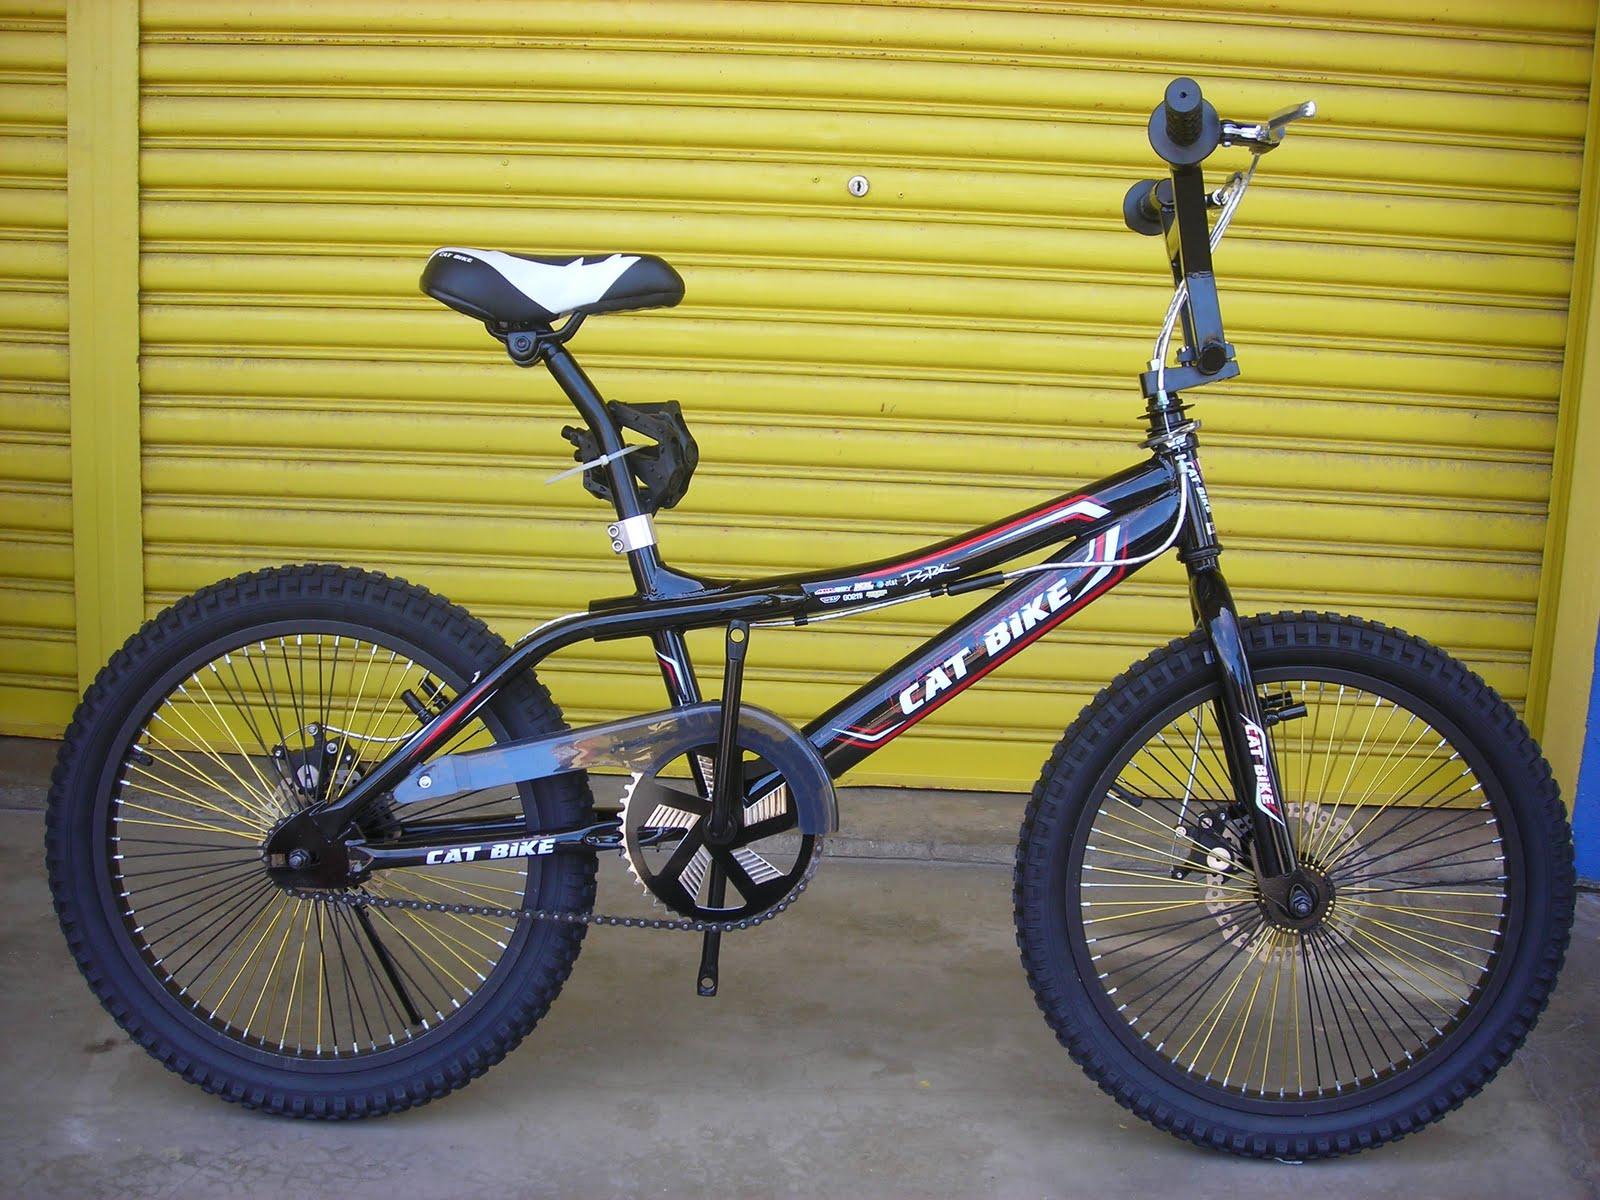 Bmx Cat Bike Disc Brake